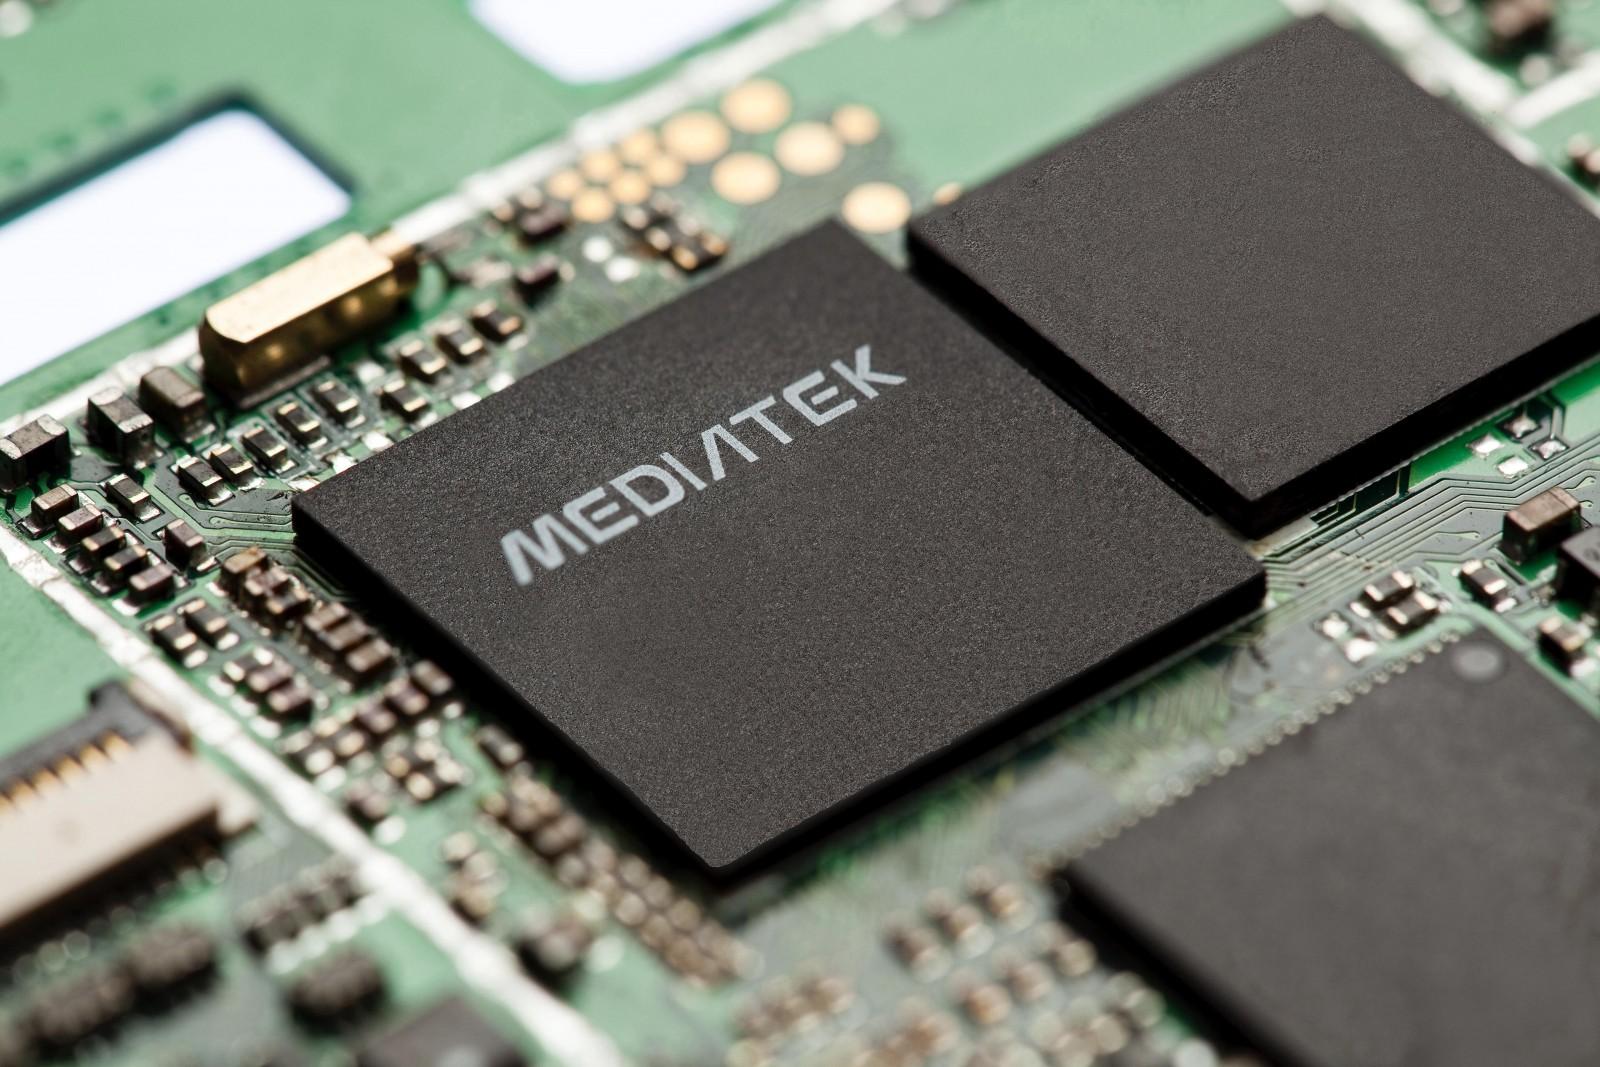 ลือ MediaTek กำลังซุ่มพัฒนา CPU 10-12 Core อยู่